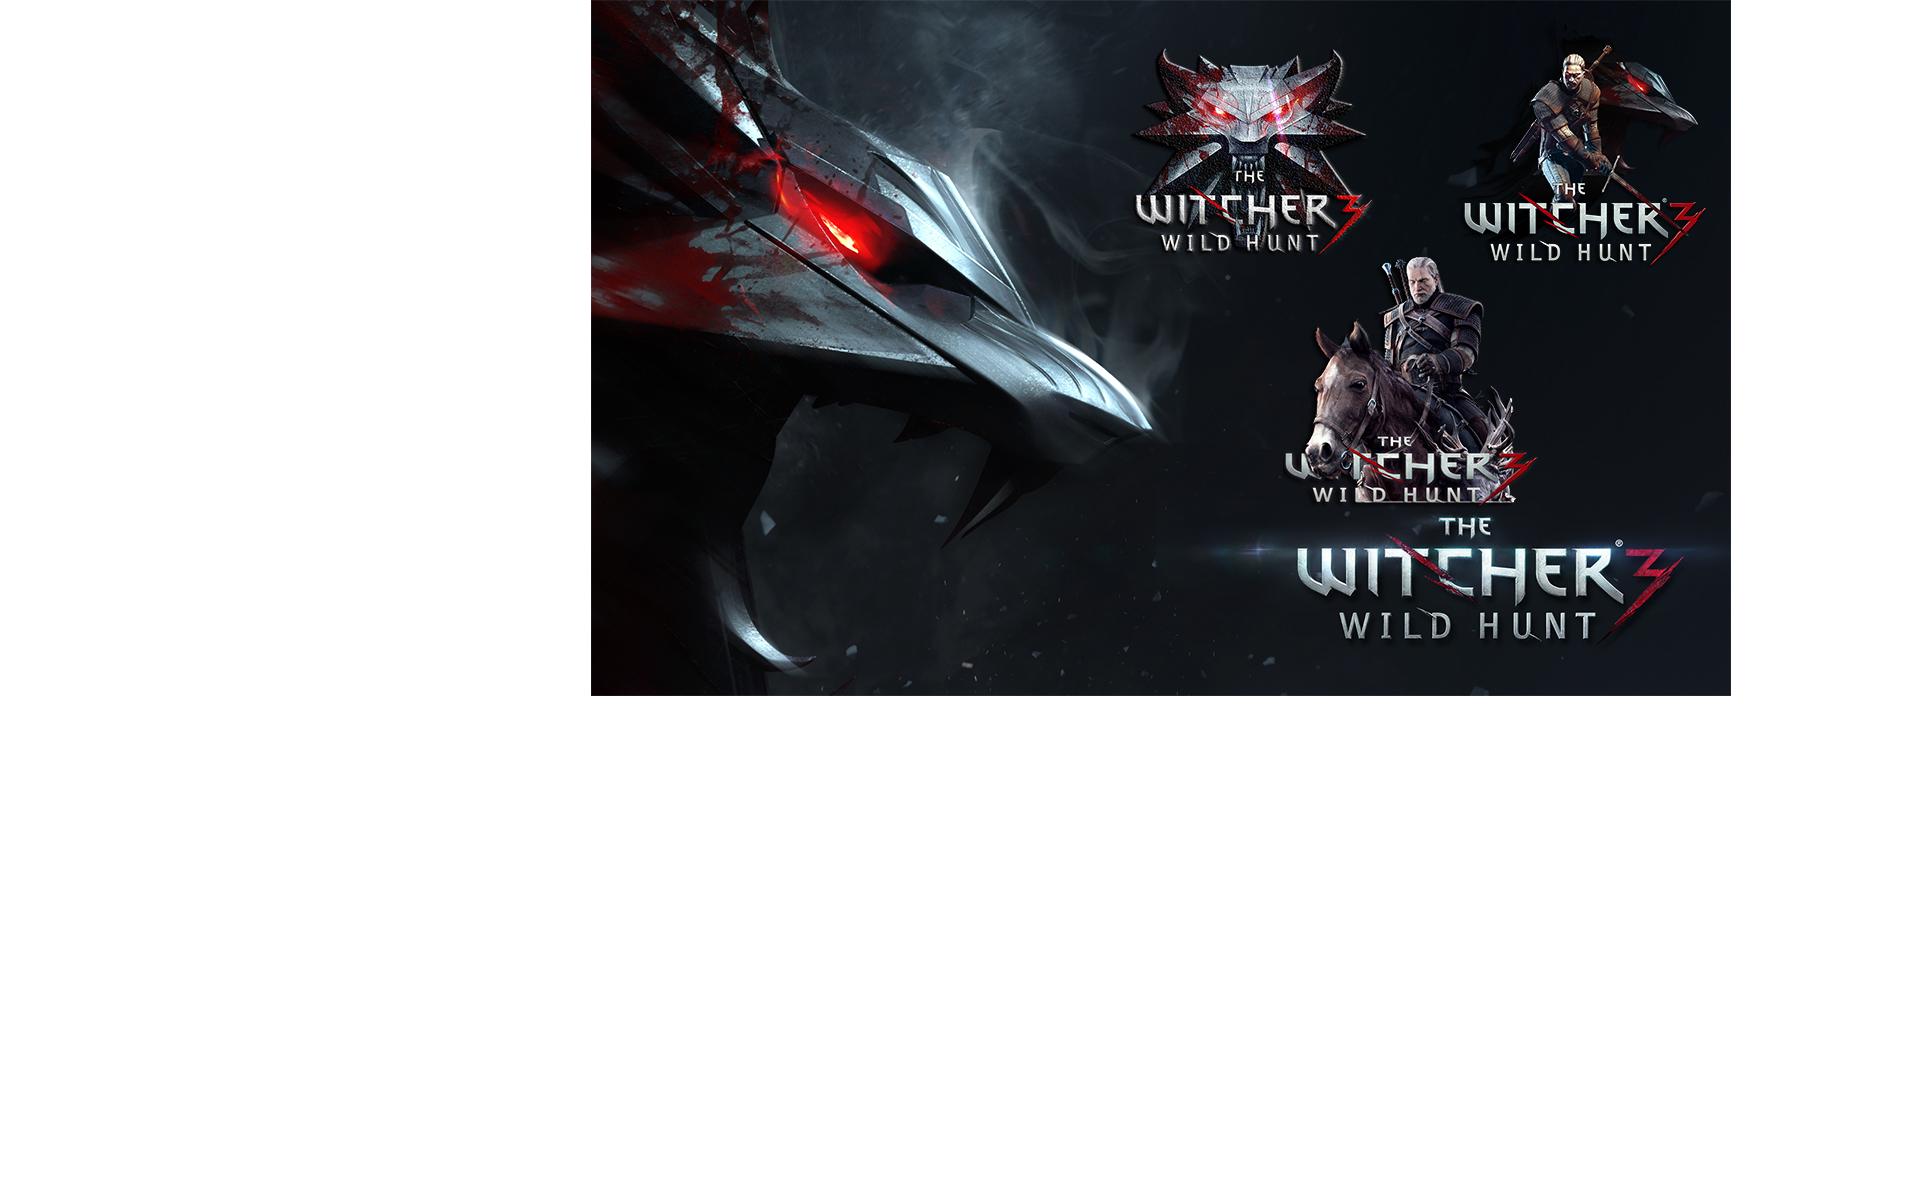 巫师3:狂猎 无边框高清游戏图标[3p]